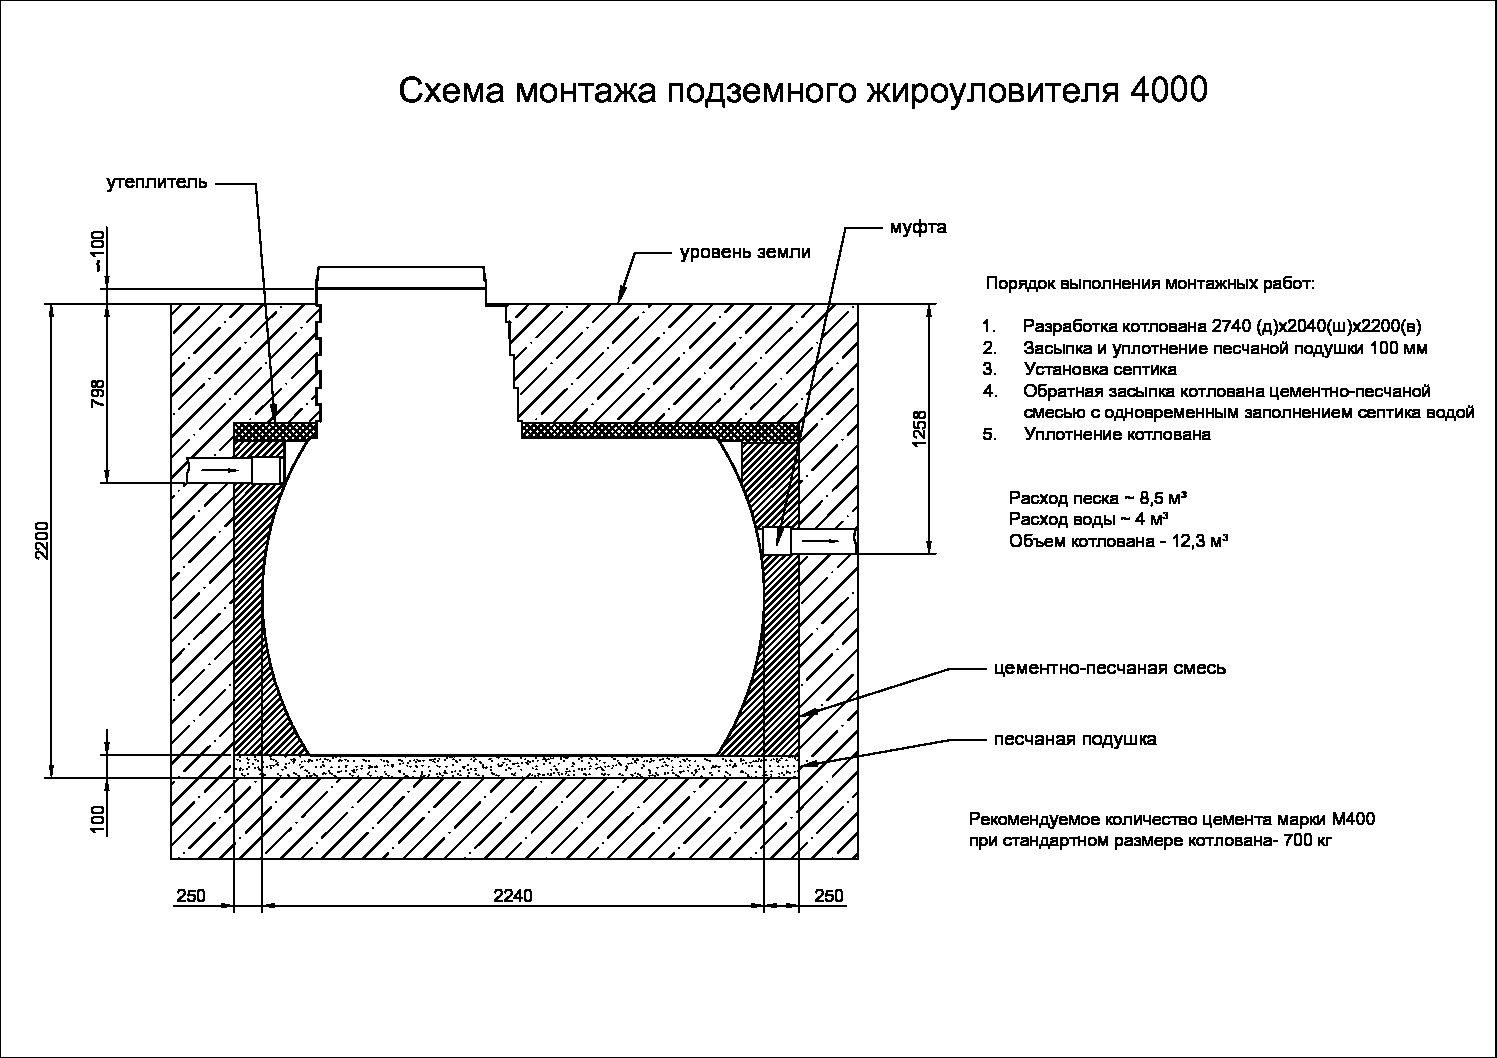 zn4000 pdf - Промышленный жироуловитель Термит 4000